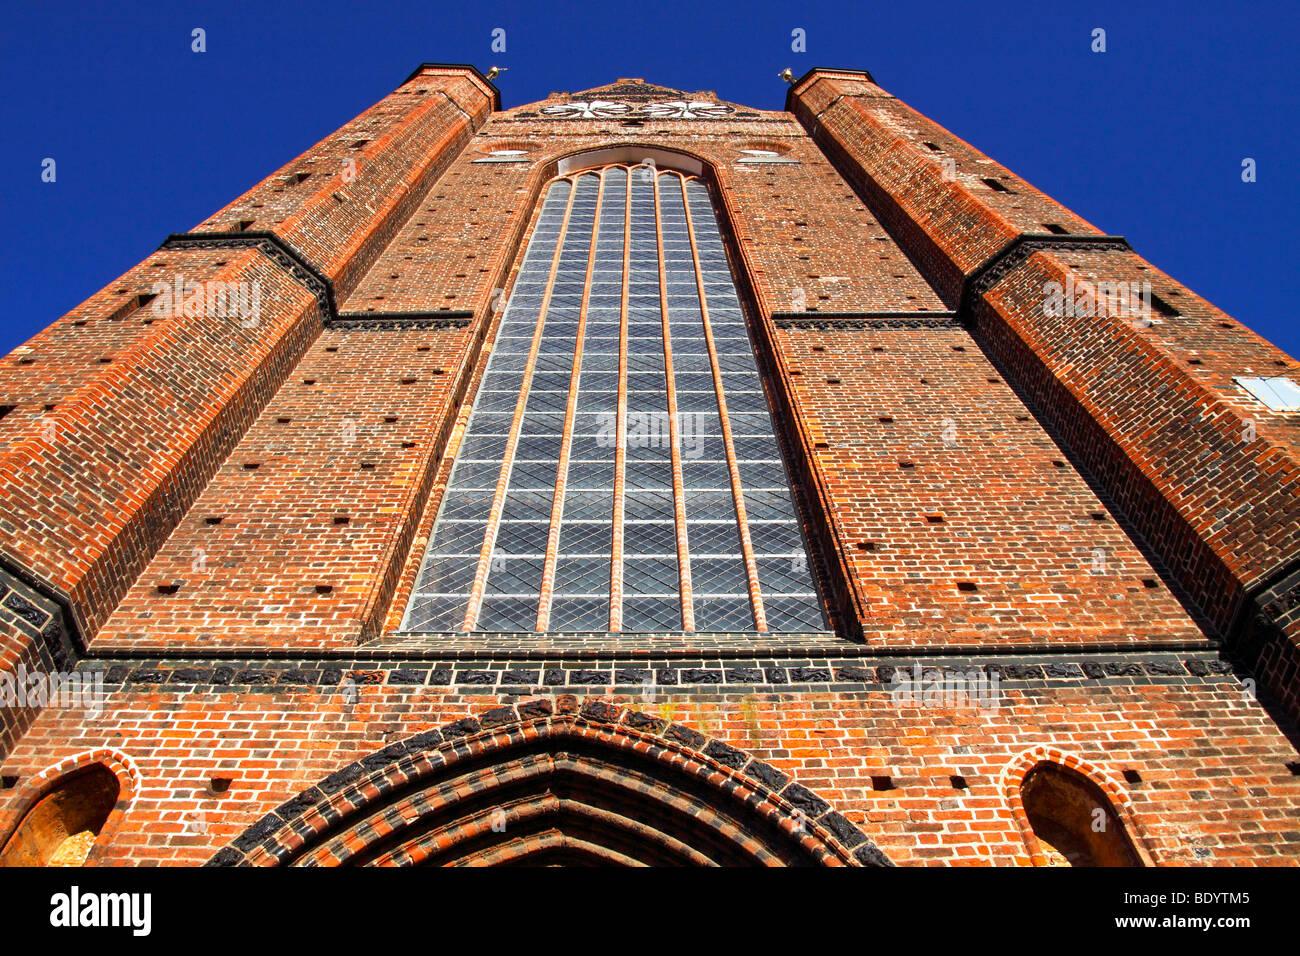 St Georgen church / Wismar - Stock Image